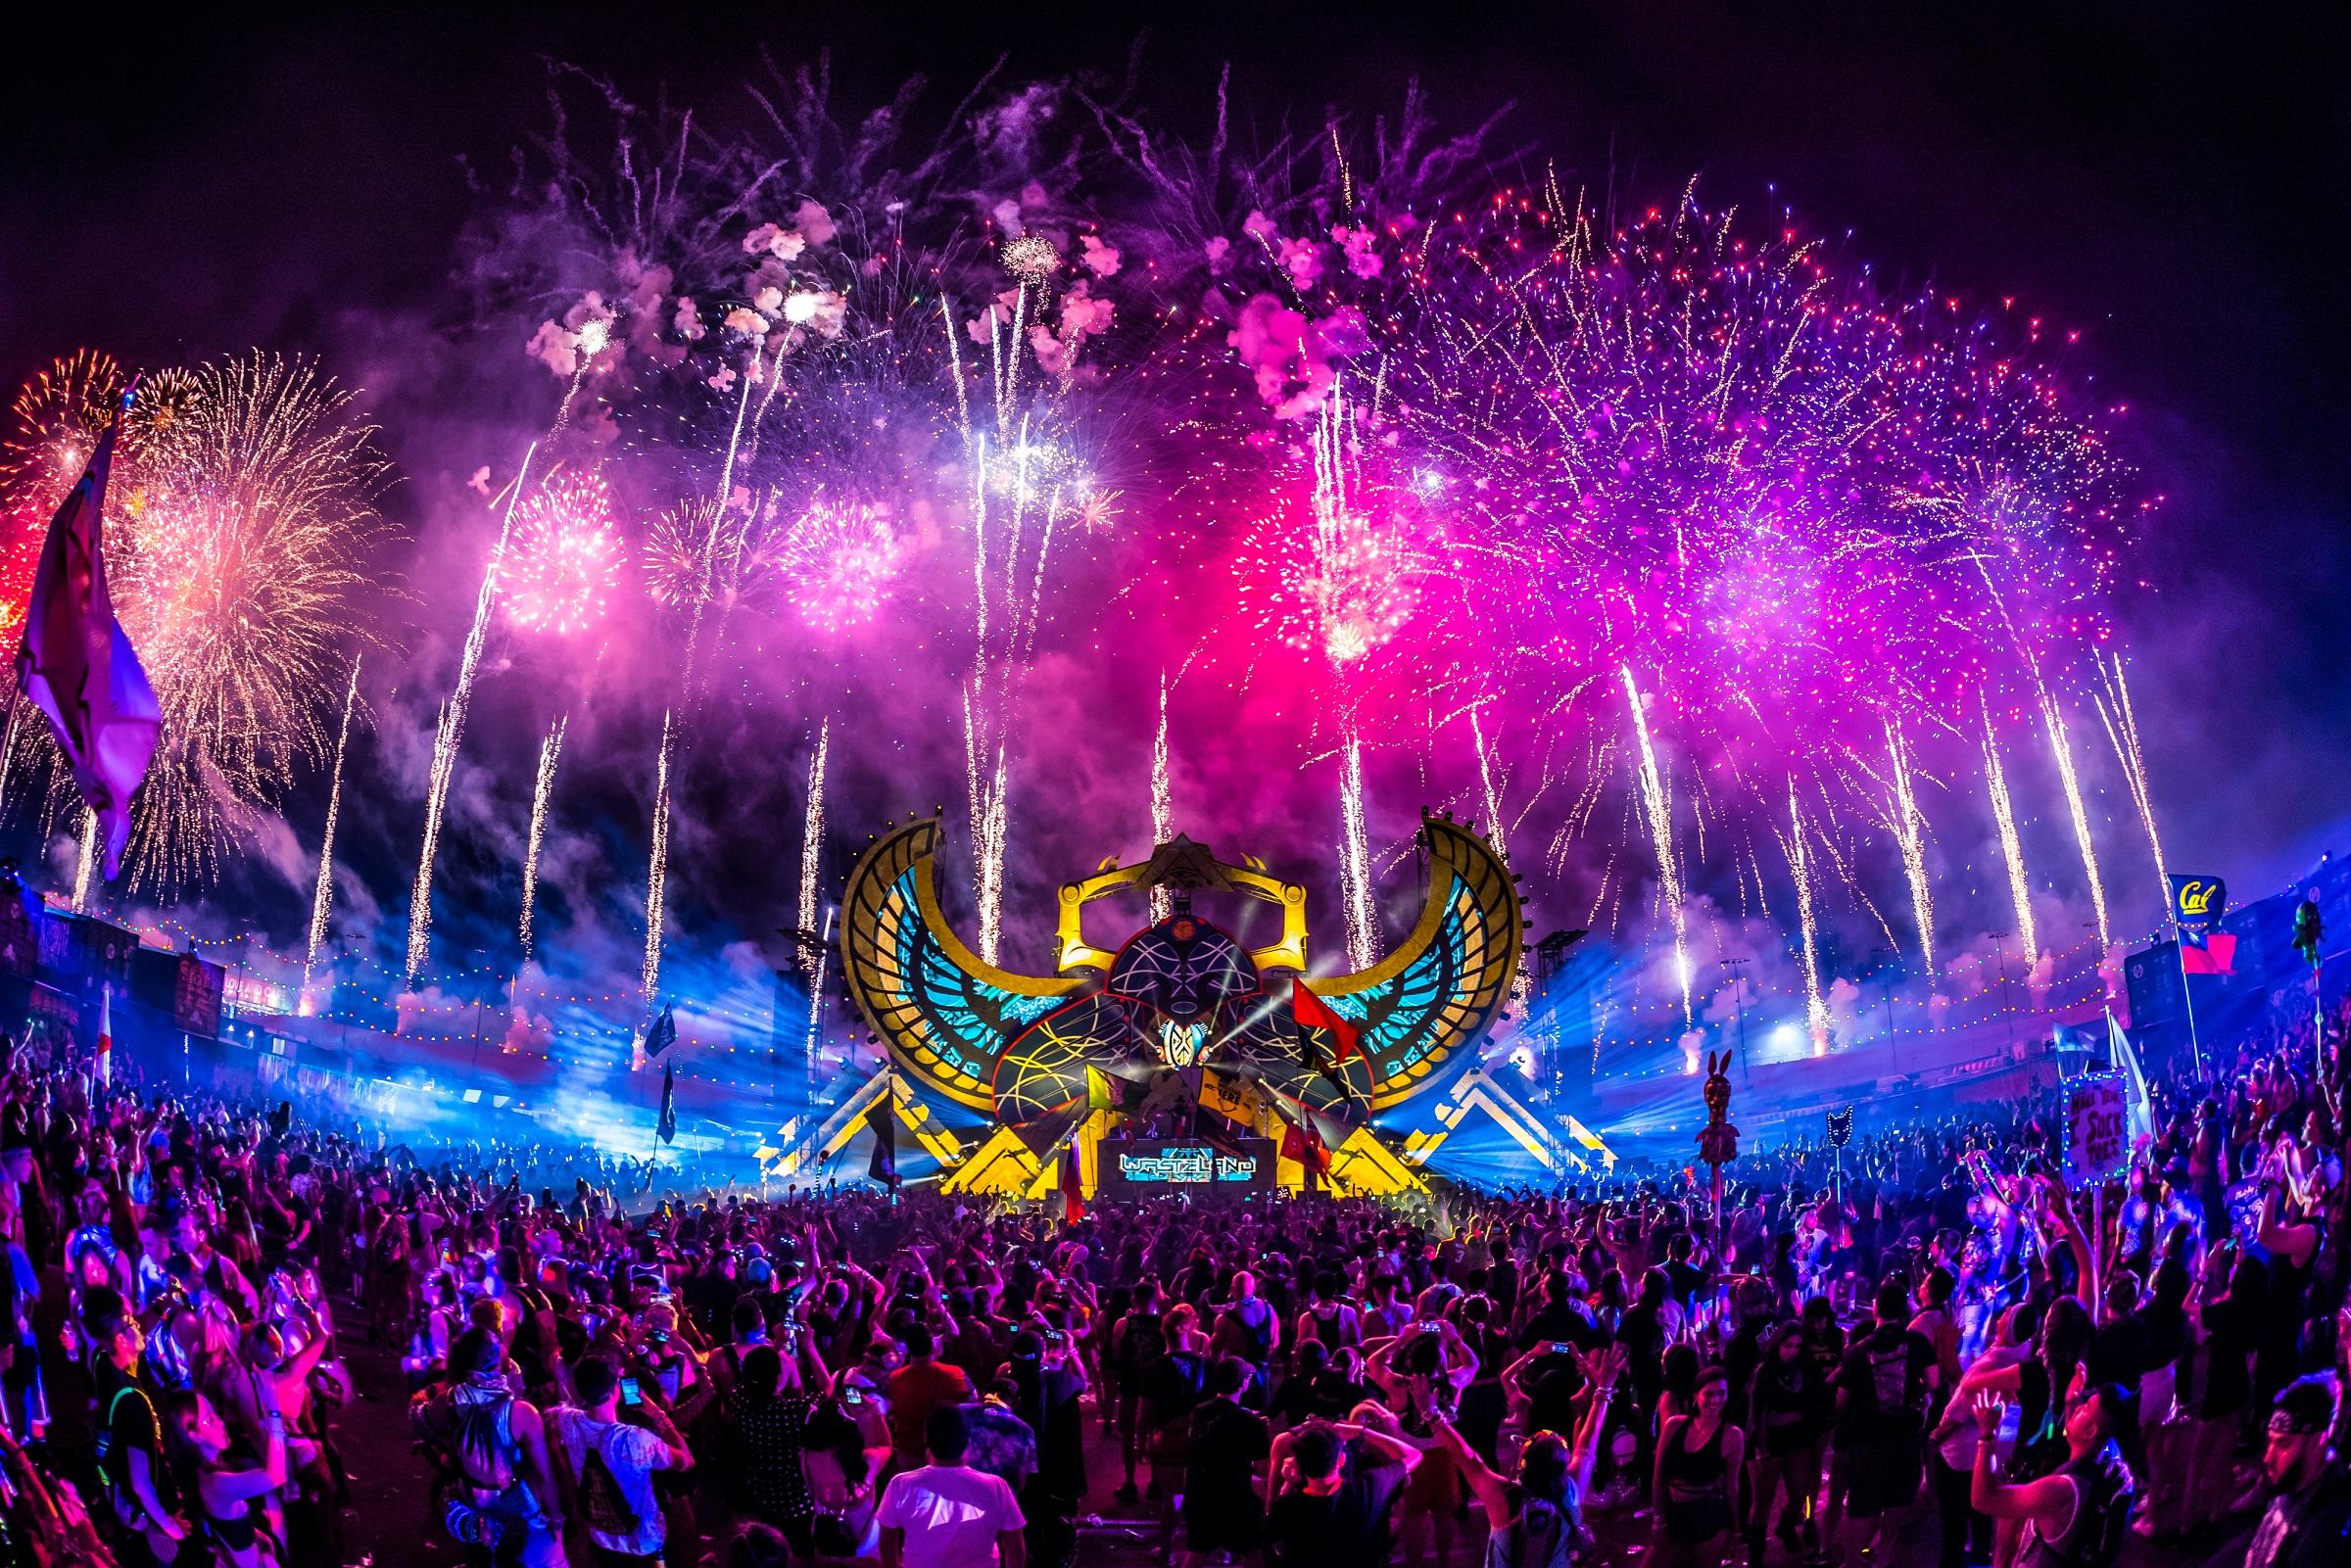 Relive EDC Las Vegas 2019 Live Sets from Alison Wonderland, deadmau5